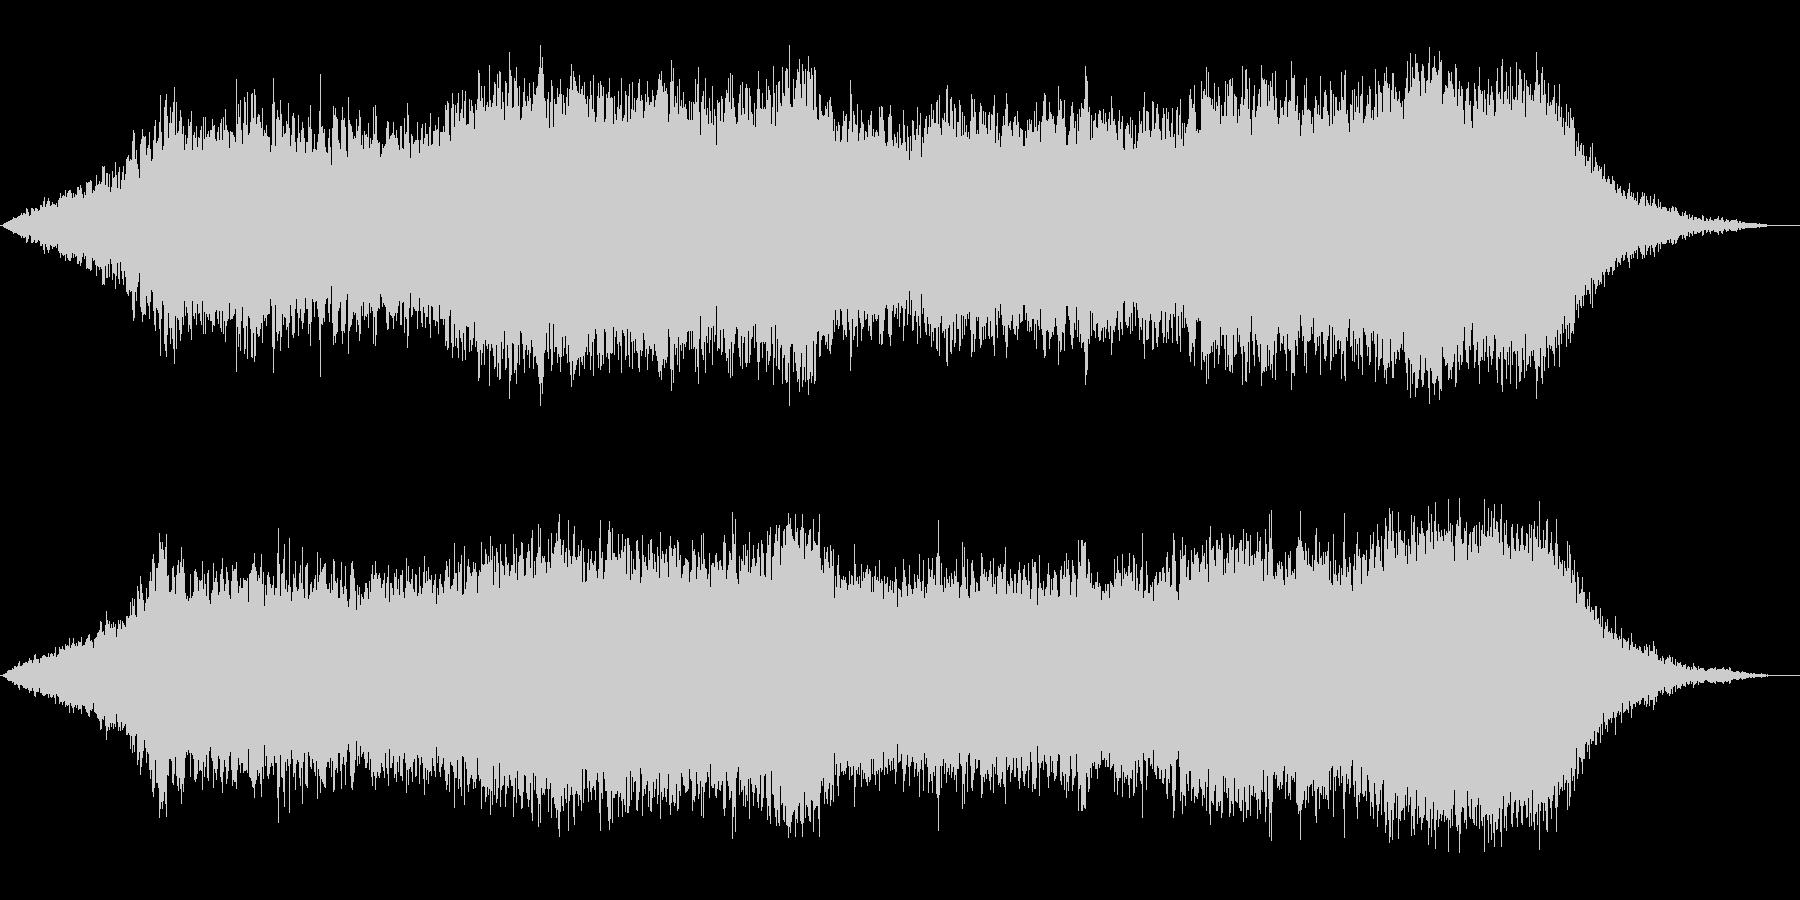 神秘的な雰囲気のアンビエント(背景音)8の未再生の波形